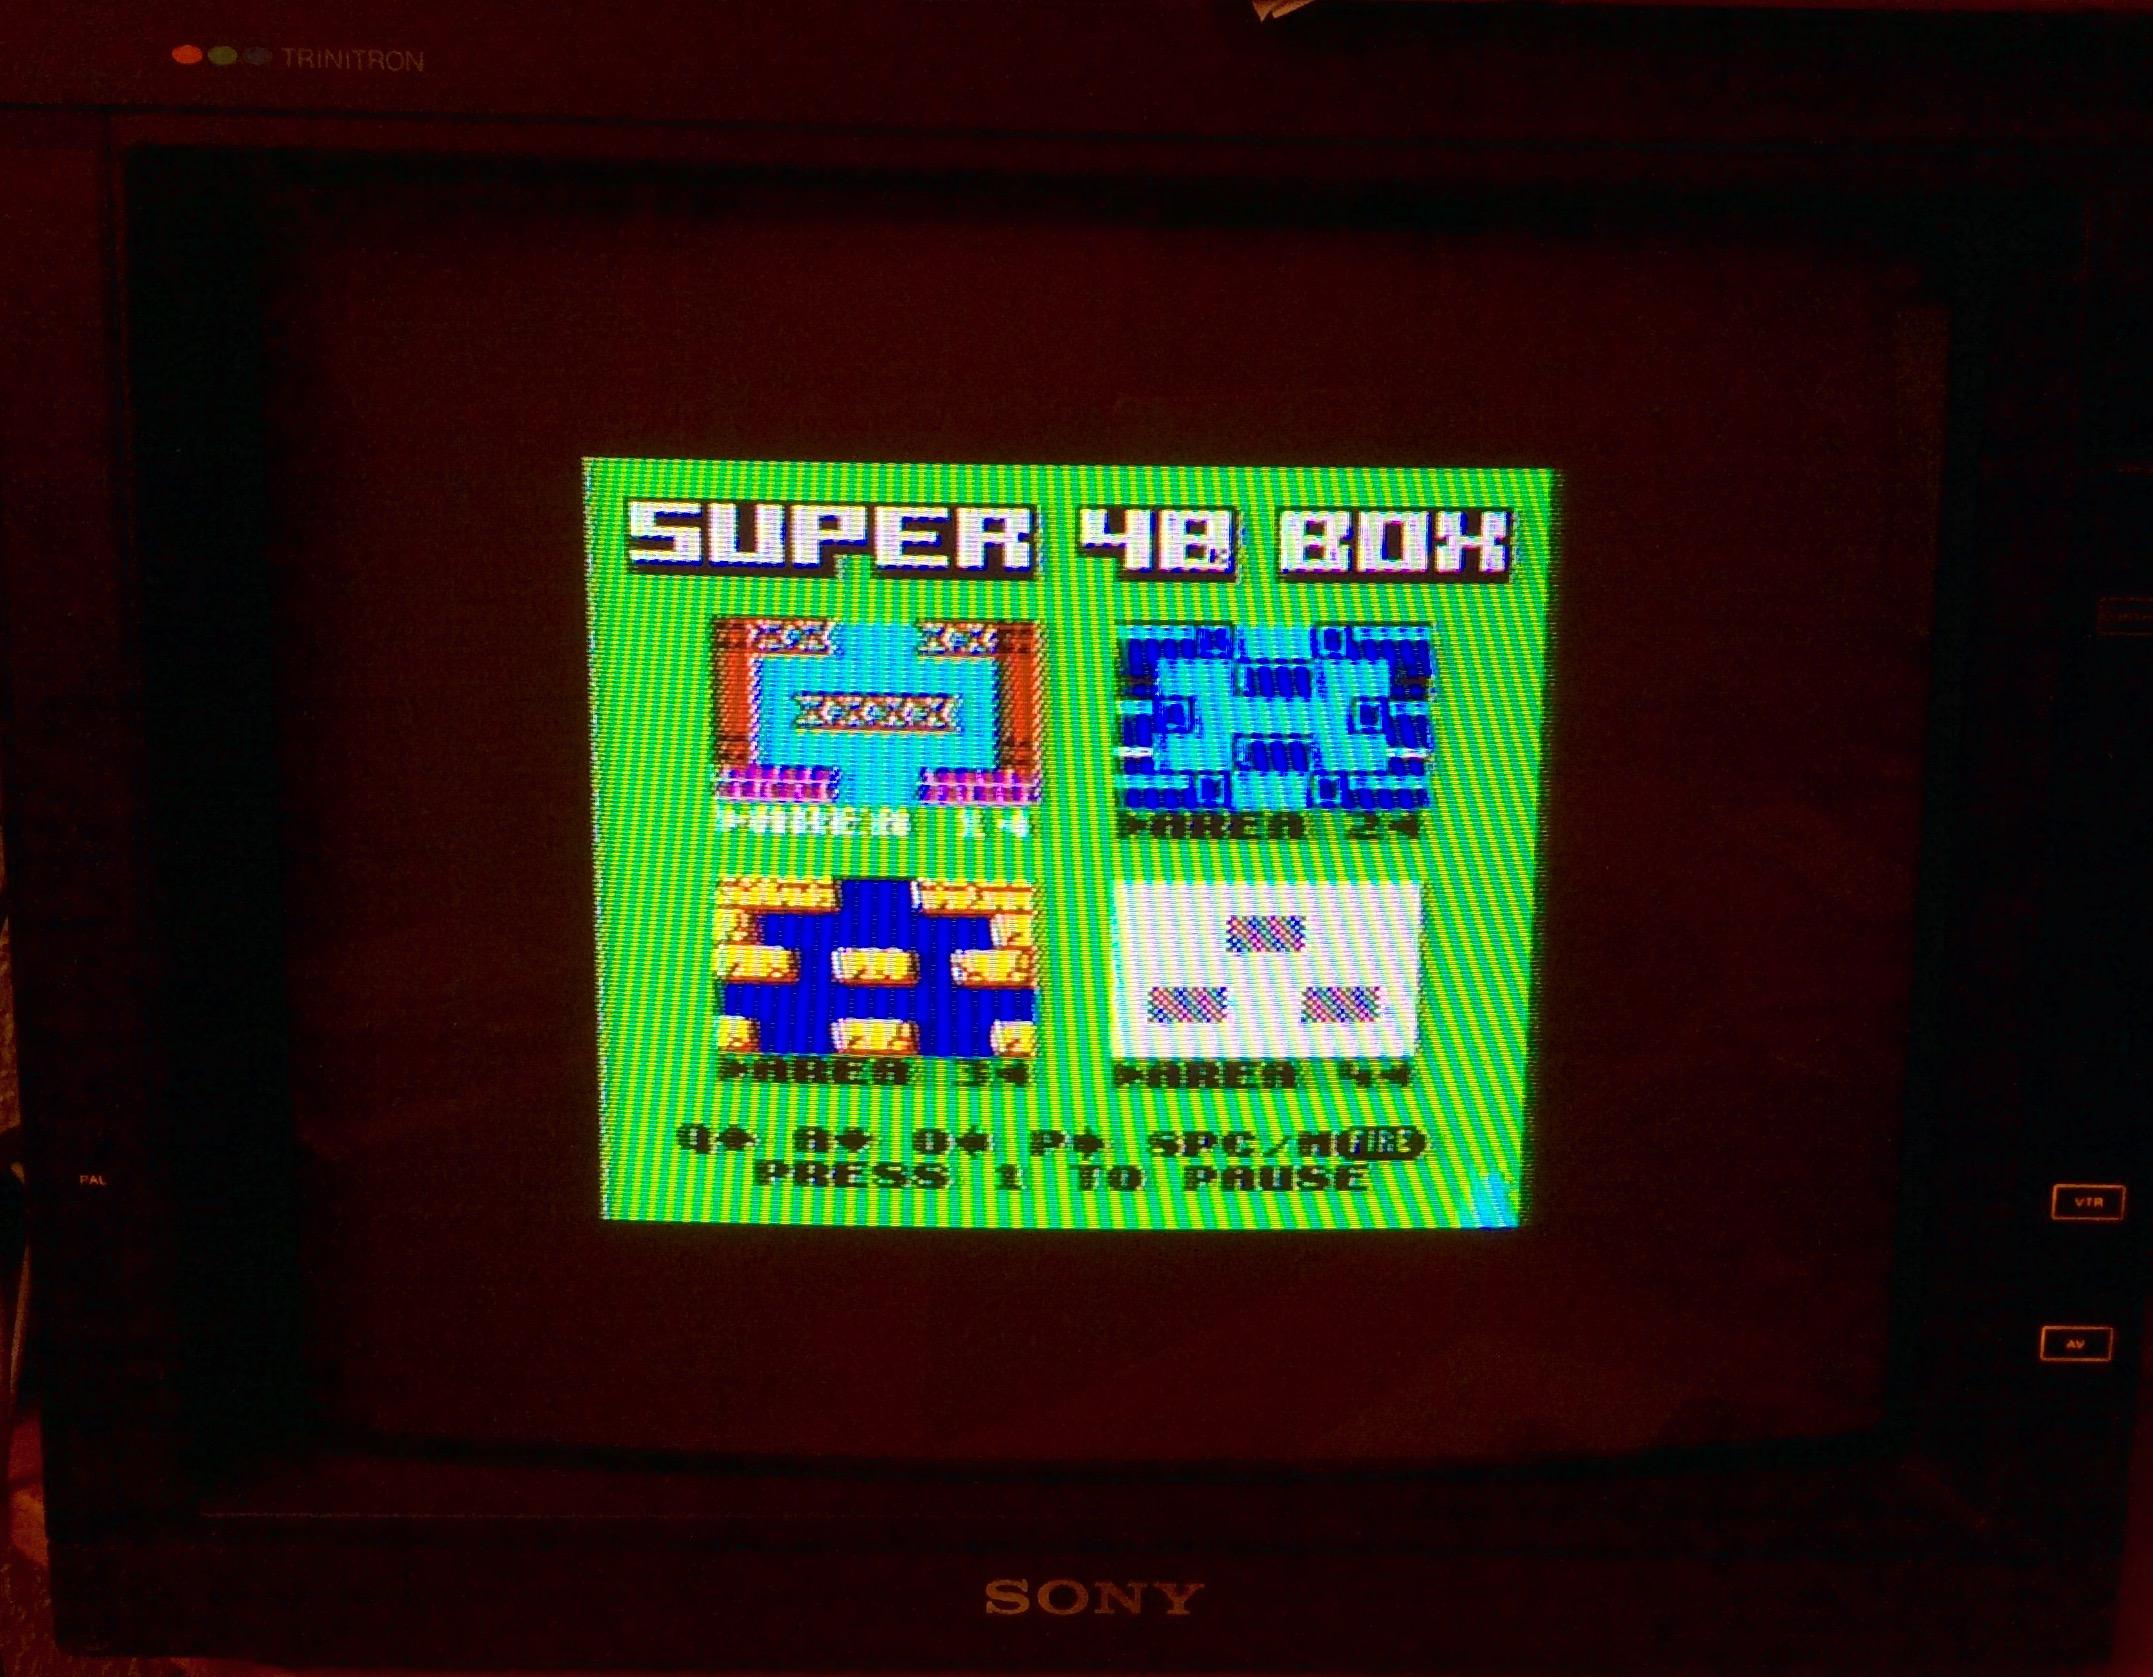 Super 48k Box [Area 4] 16 points